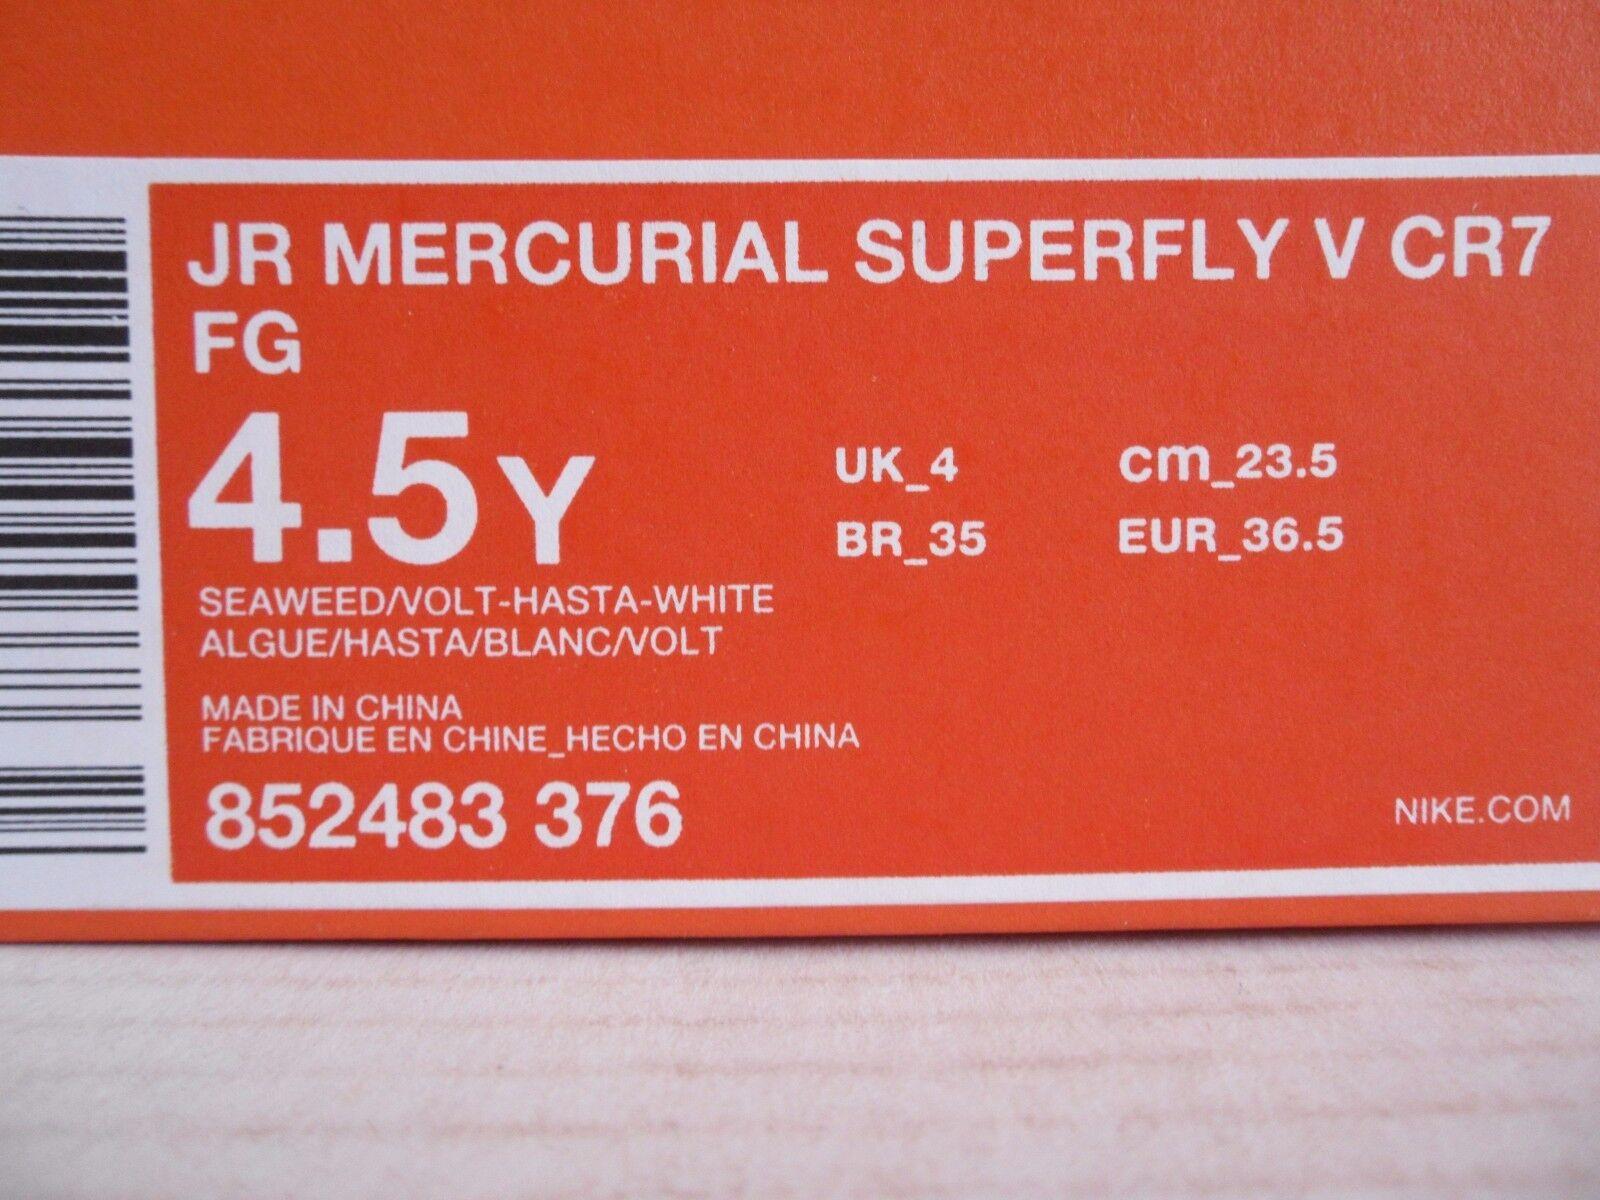 NIKE JR MERCURIAL SUPERFLY SUPERFLY SUPERFLY V CR7 FG SEAWEED SZ 4.5Y-WOMENS SZ 6 09bf09